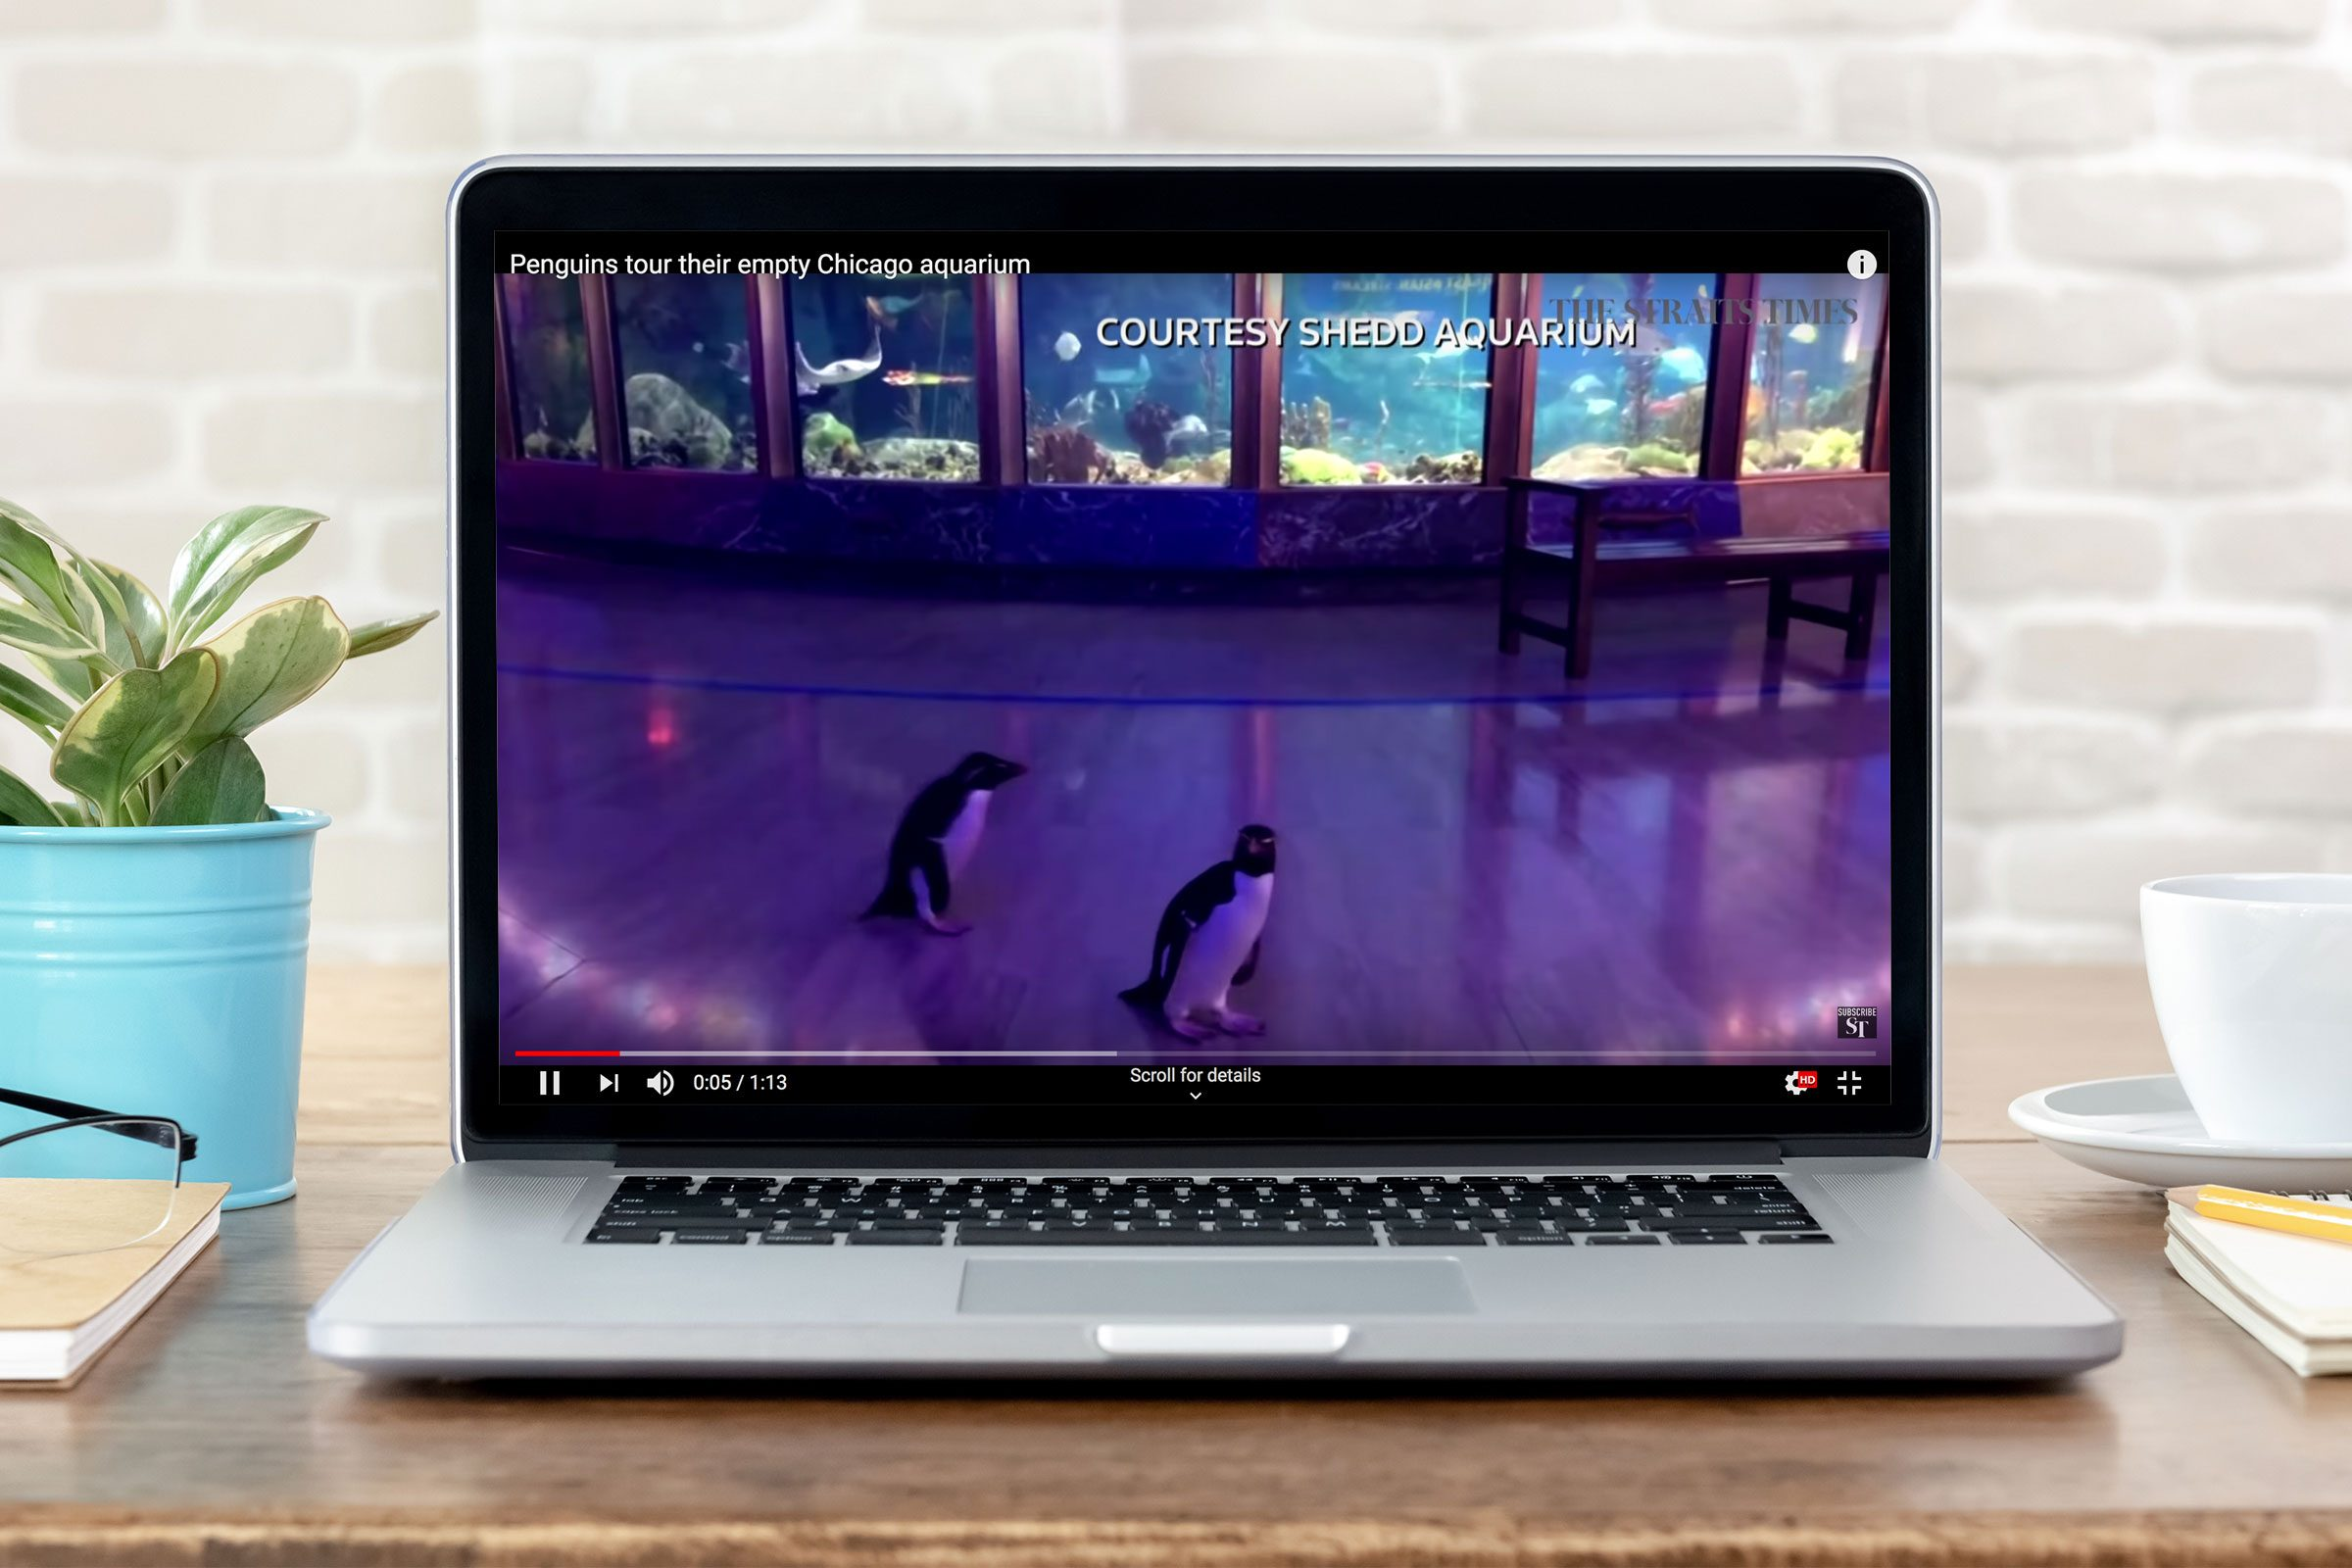 virtual tour on a laptop screen